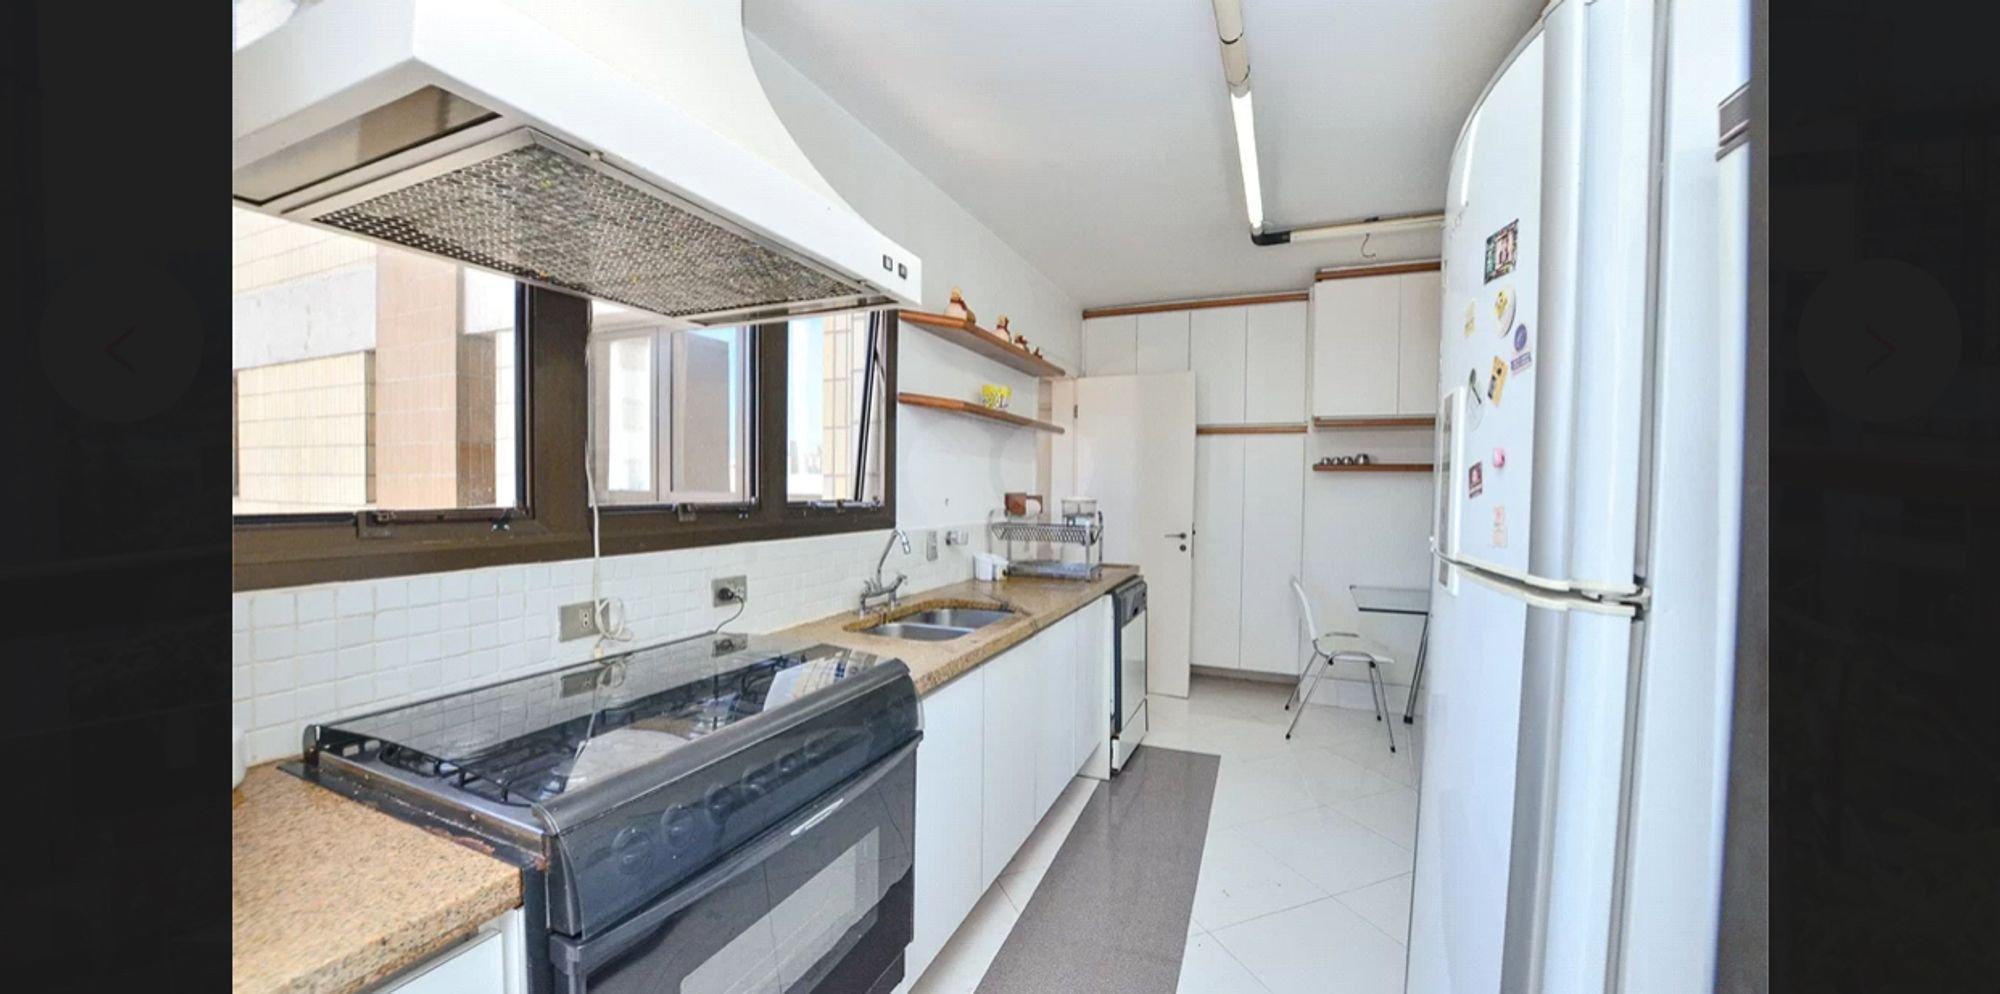 Foto de Cozinha com geladeira, pia, cadeira